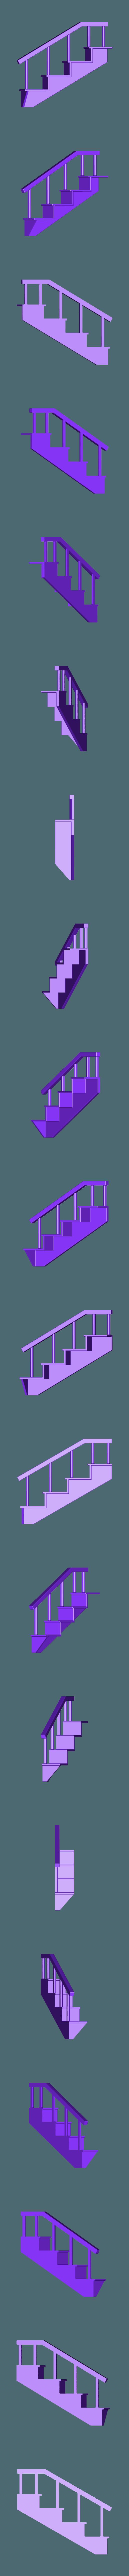 Shelf.STL Télécharger fichier STL gratuit Petit SHELF • Plan pour impression 3D, YEHIA